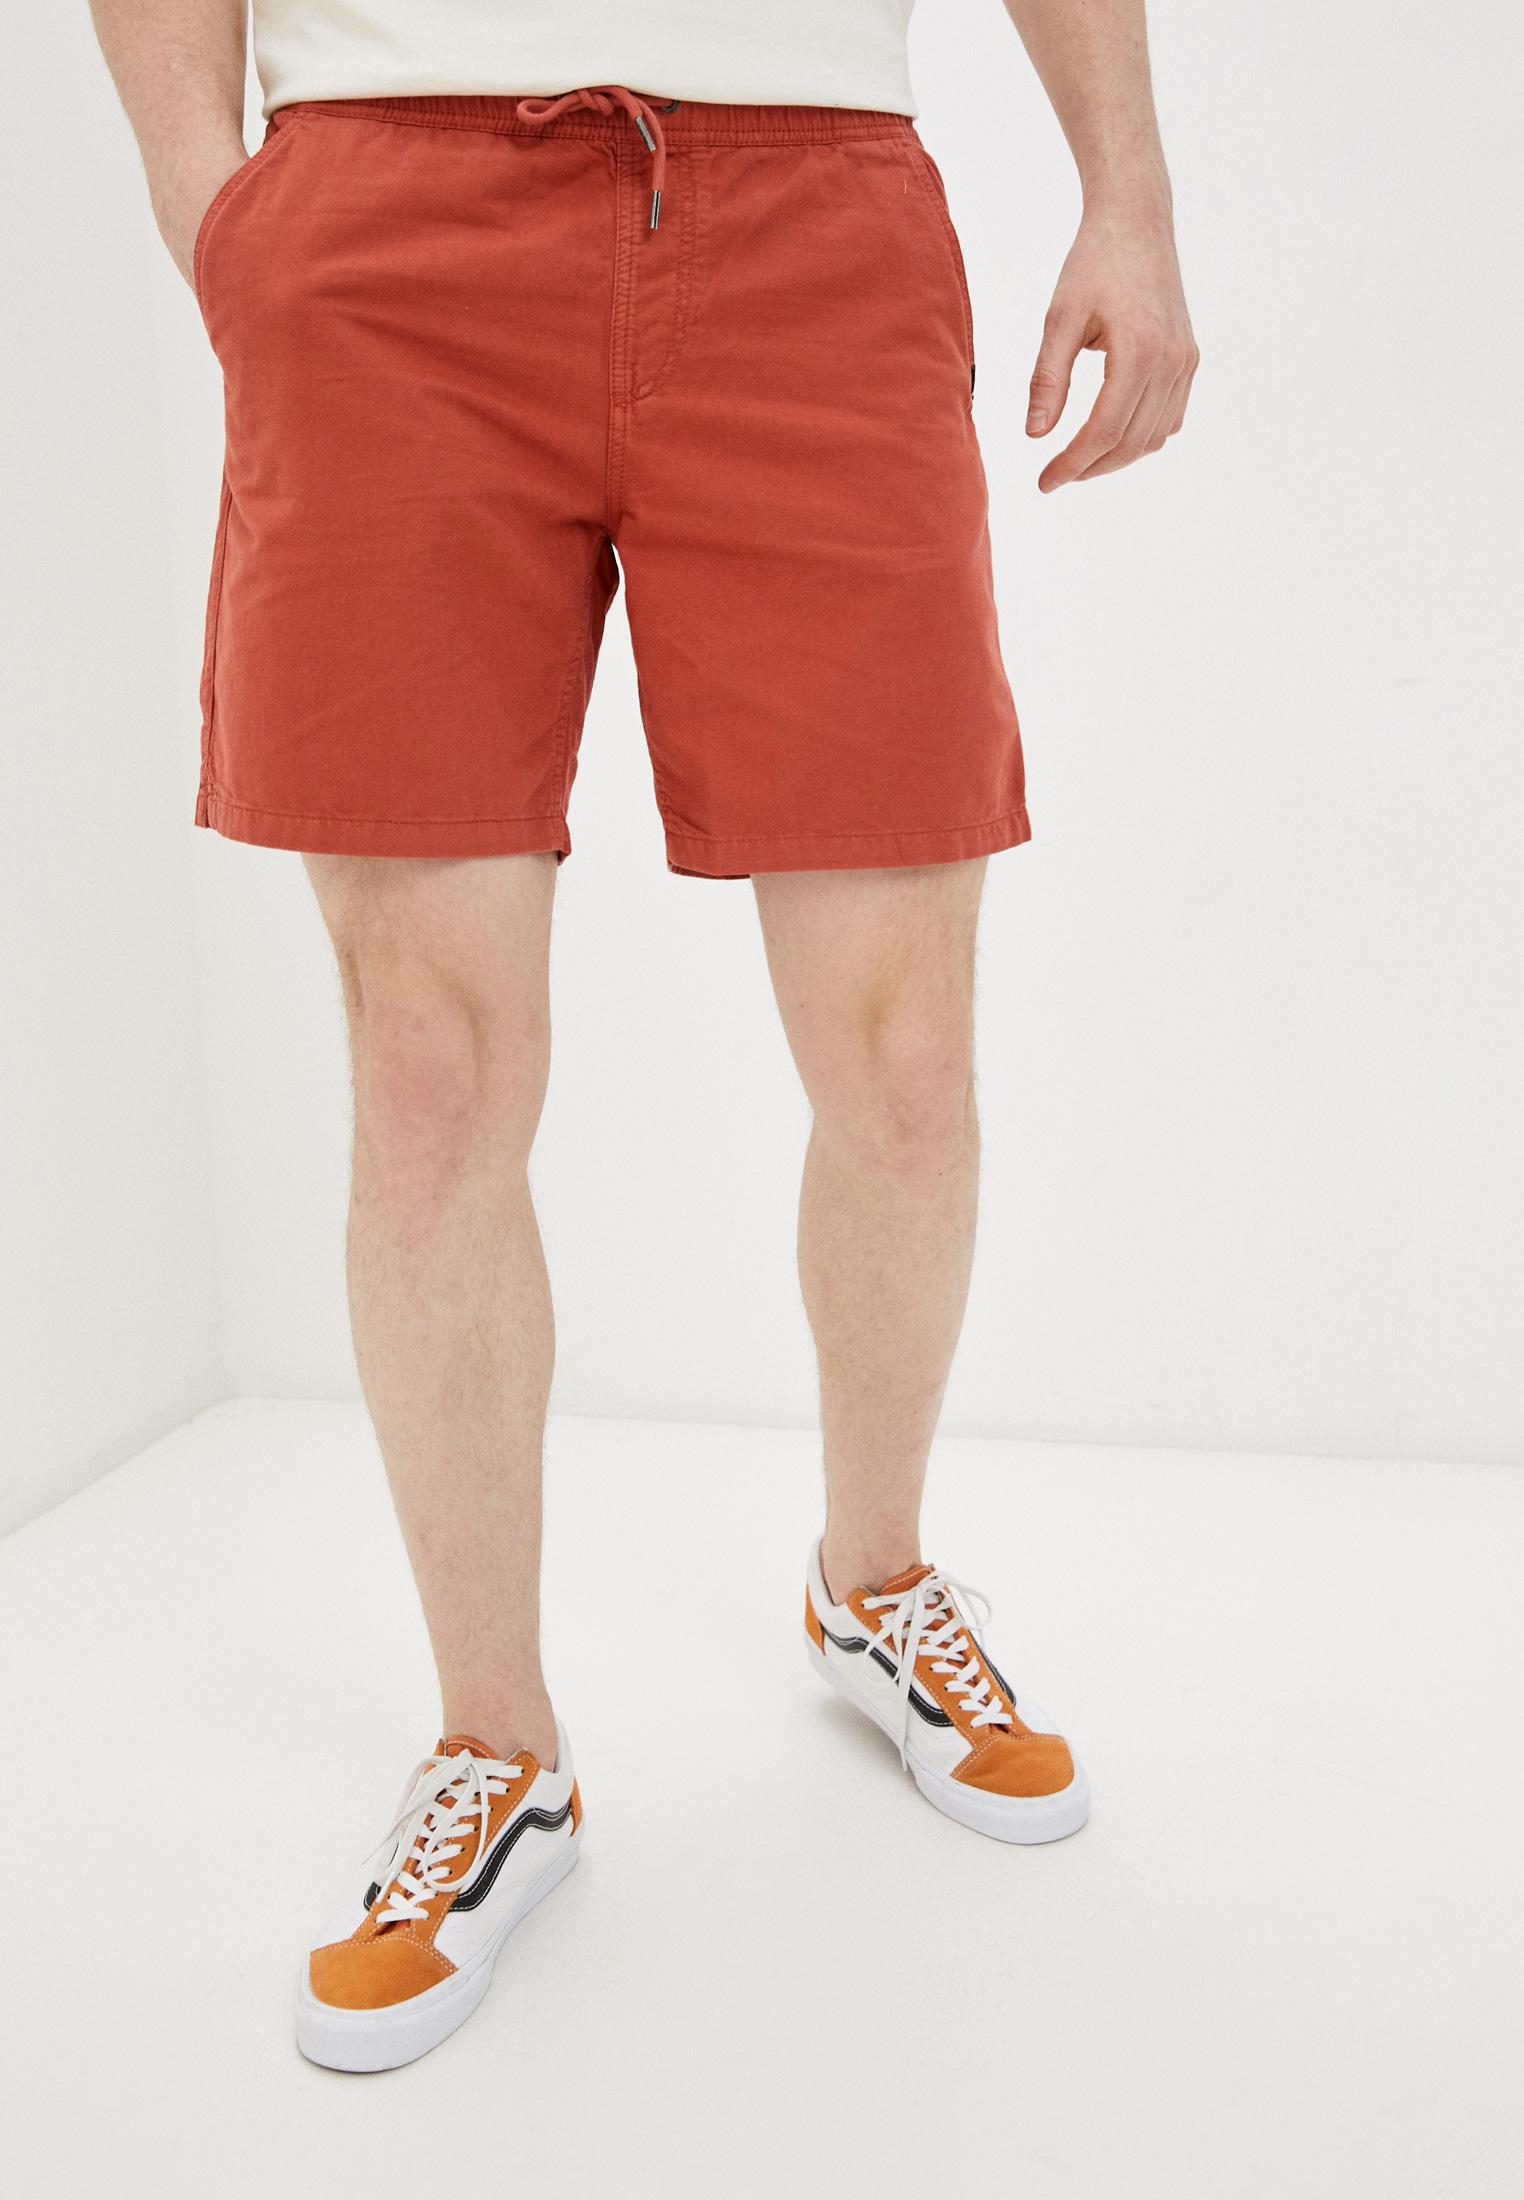 Мужские спортивные шорты Quiksilver (Квиксильвер) Шорты Quiksilver